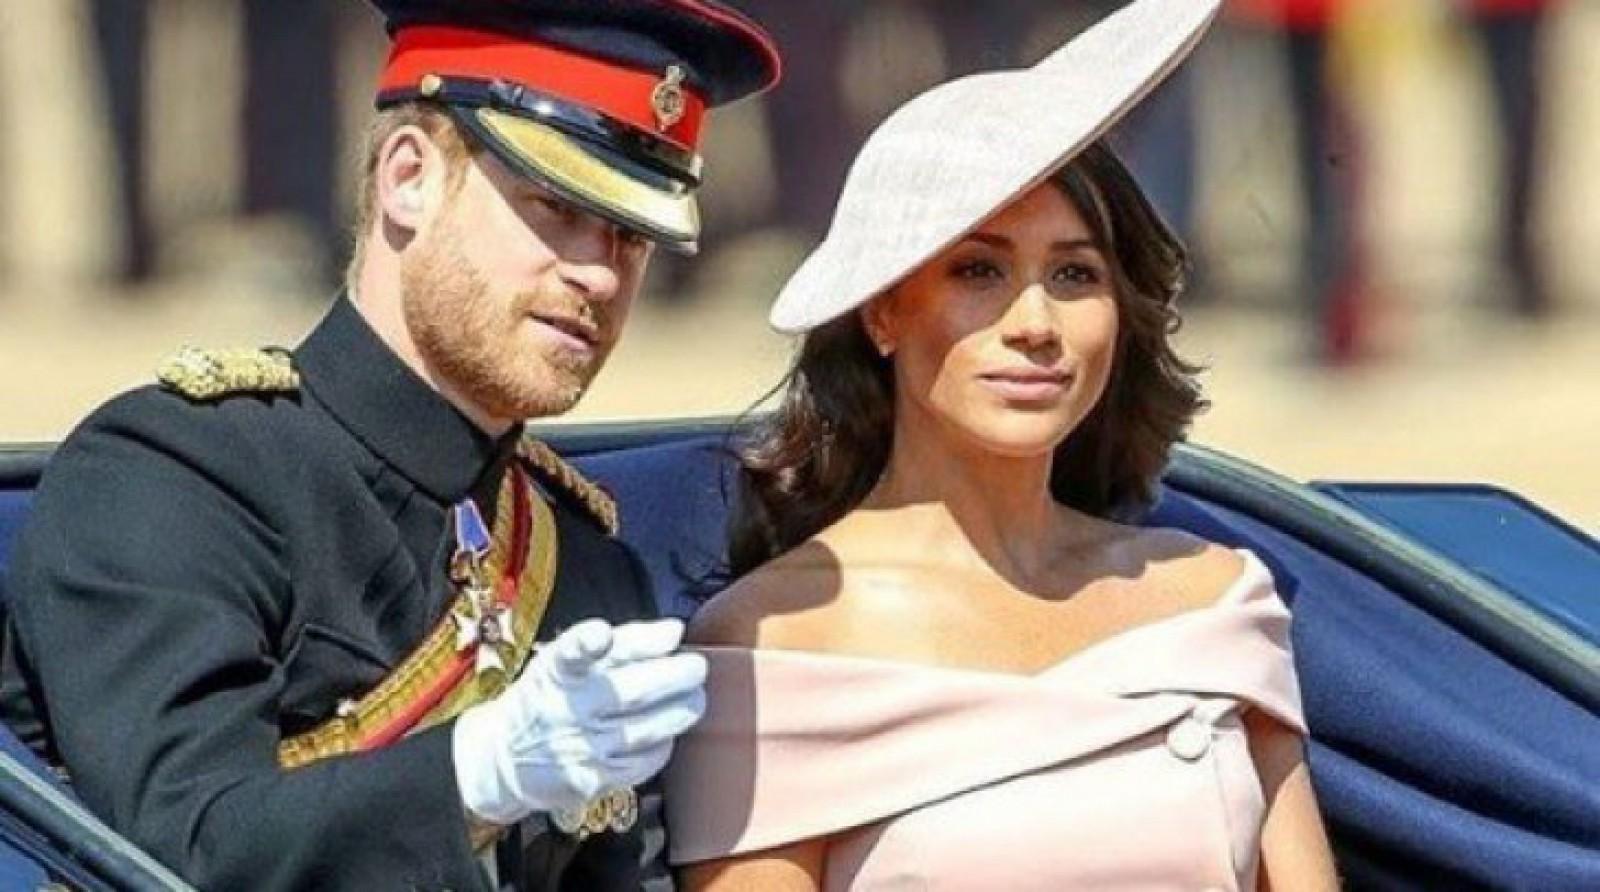 Vor avea sau nu copii Prințul Harry și Meghan Markle. Dezvăluirea făcută de cuplu